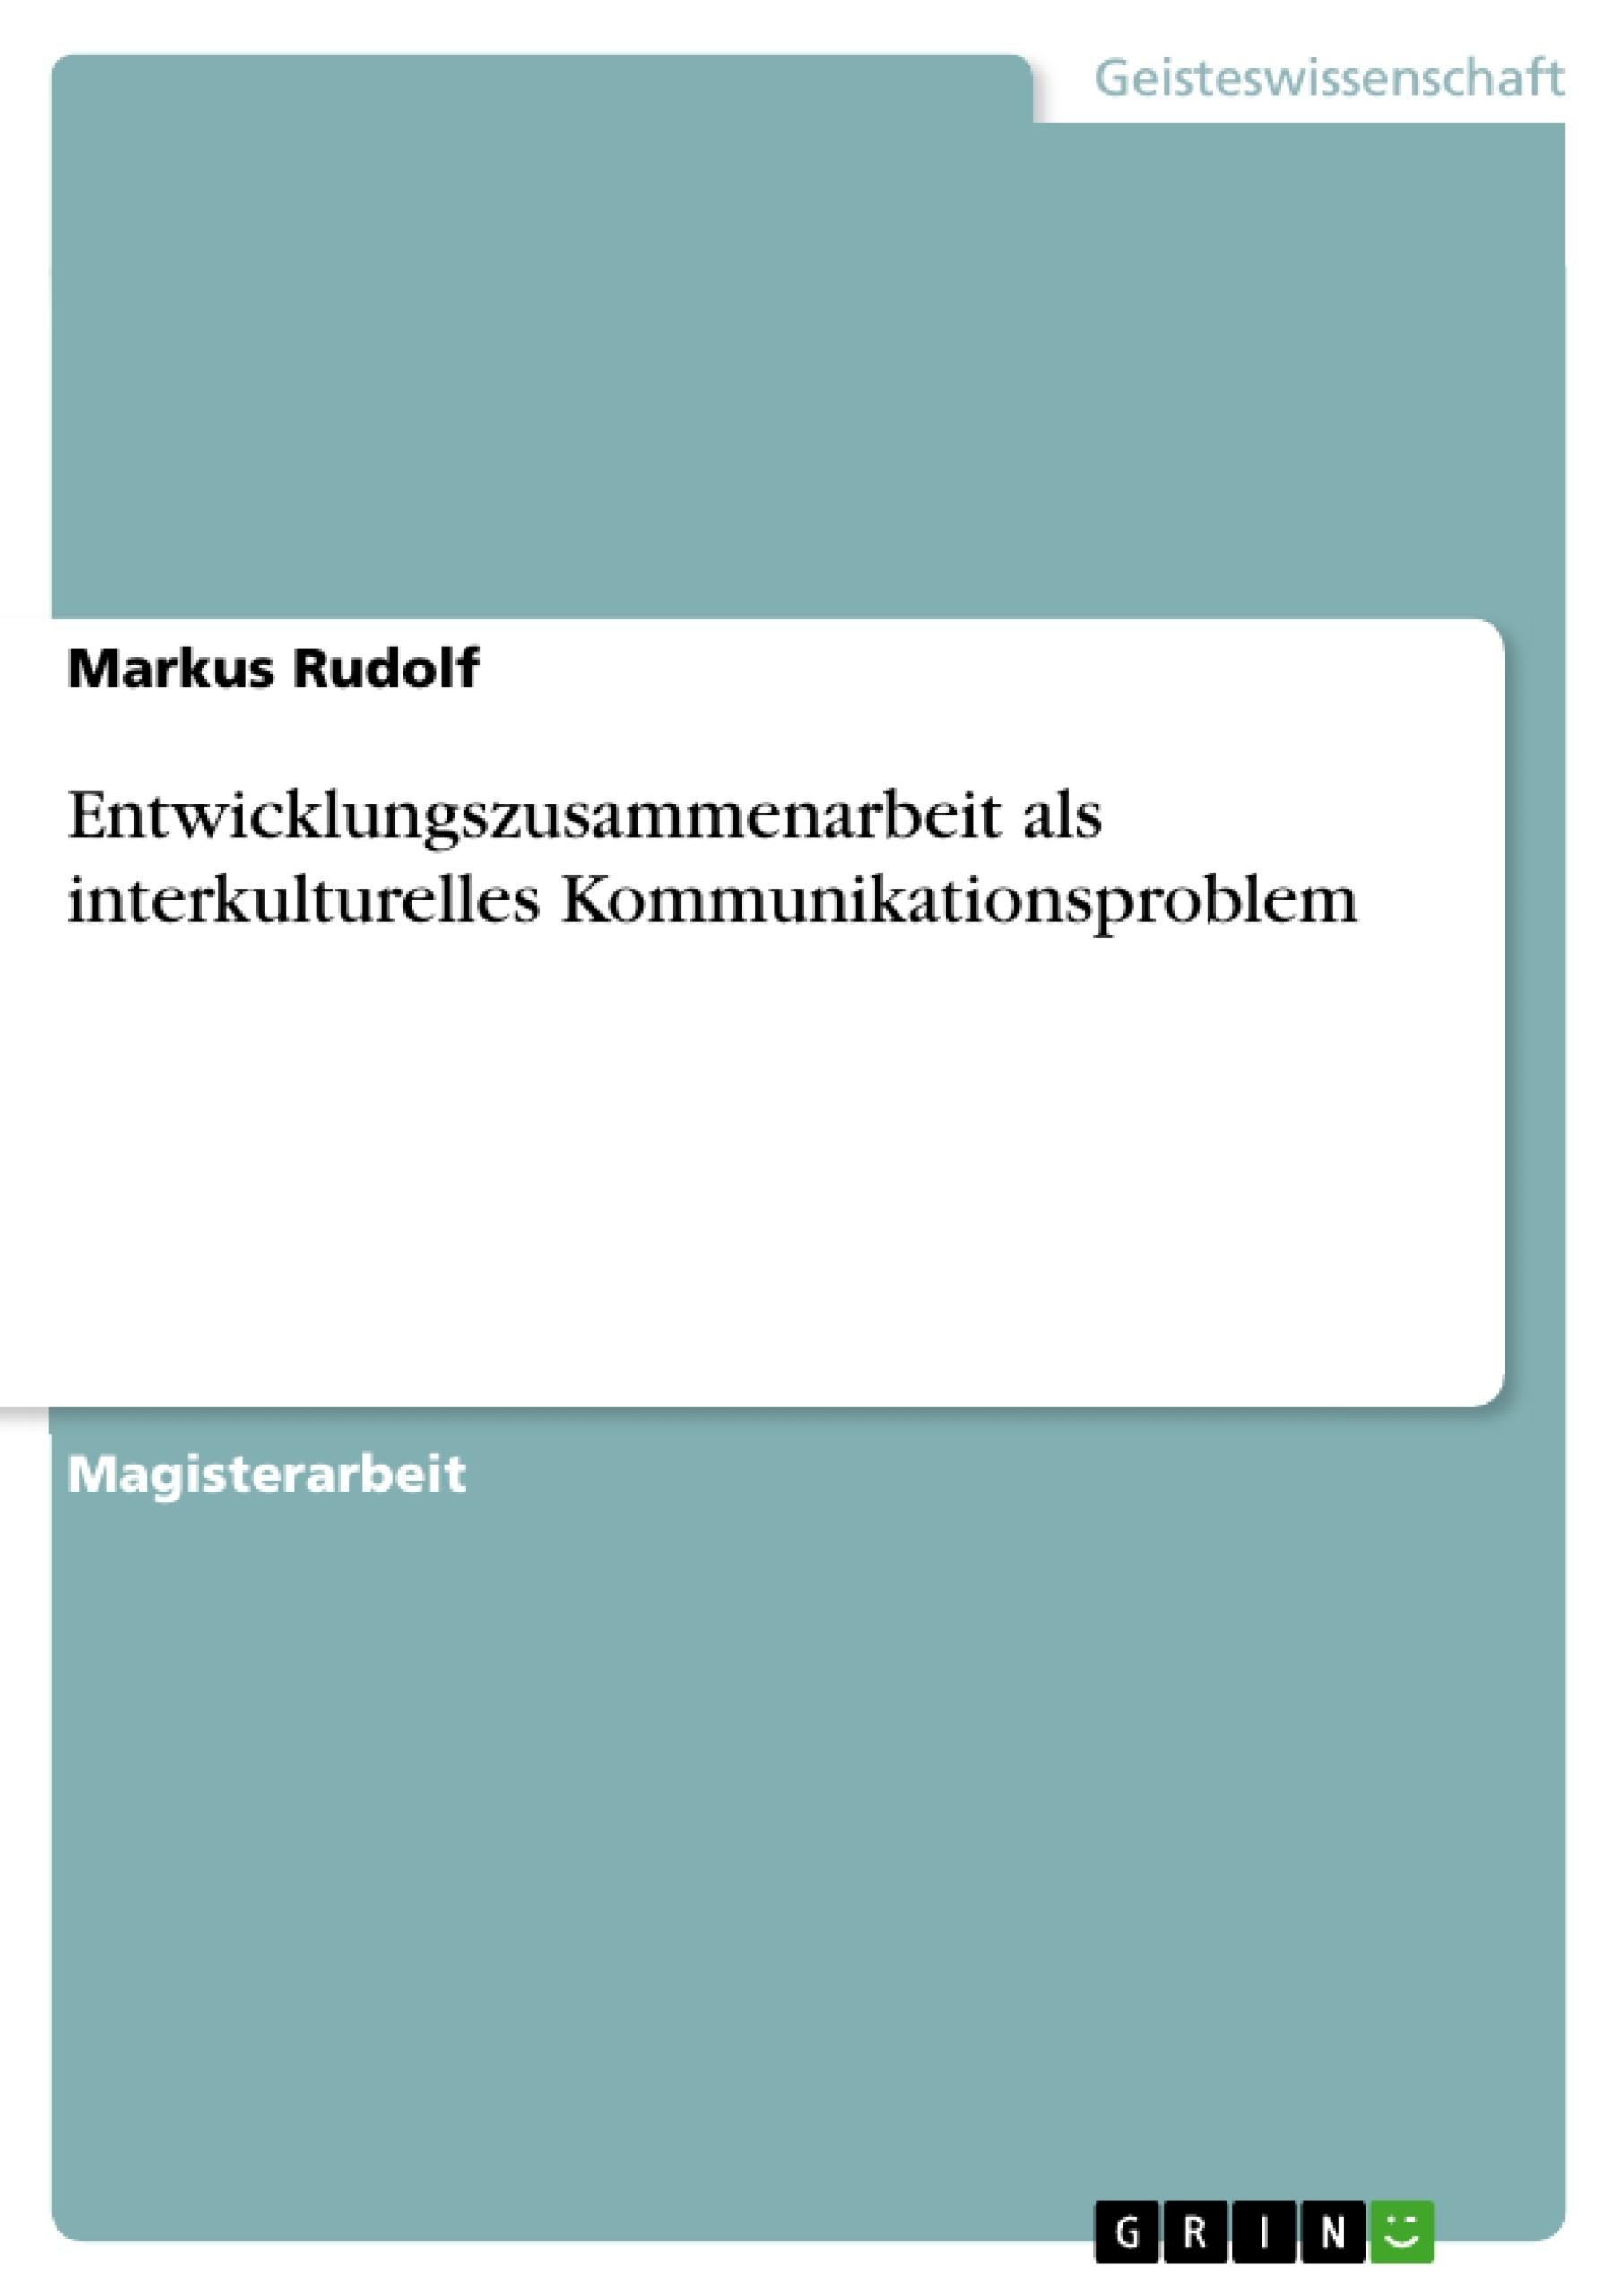 Titel: Entwicklungszusammenarbeit als interkulturelles Kommunikationsproblem